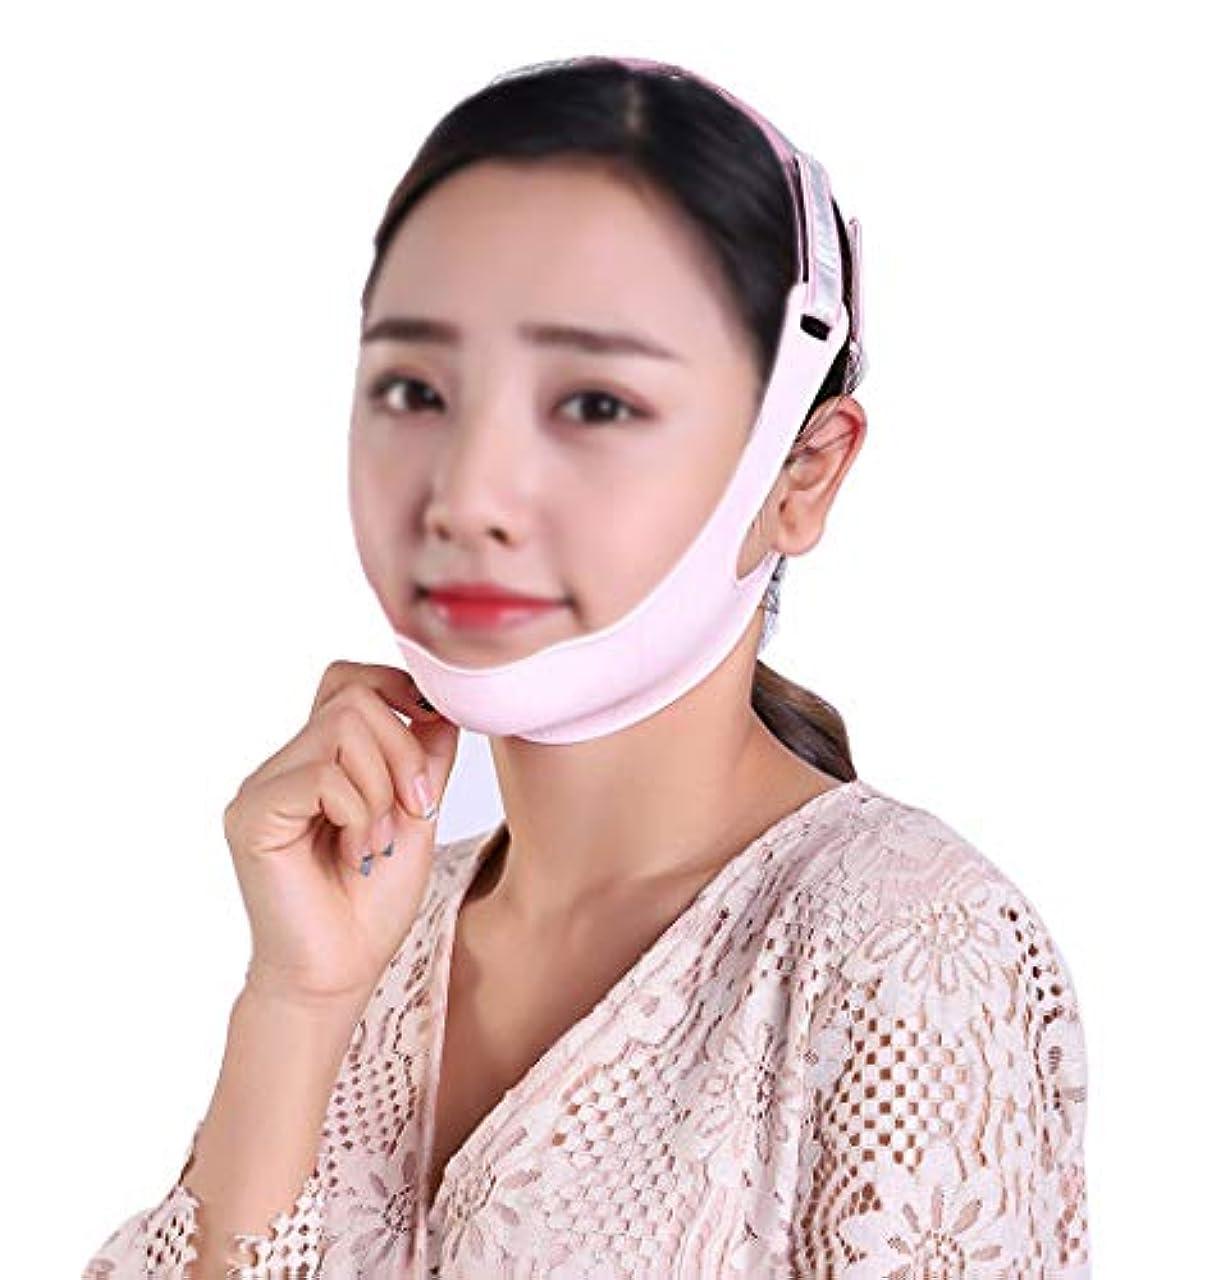 イブ実際バイオレットTLMY フェイシャルリフティングマスクシリコンVマスク引き締めフェイシャル包帯スモールVフェイスアーティファクト防止リラクゼーションフェイシャル&ネックリフティング 顔用整形マスク (Size : M)